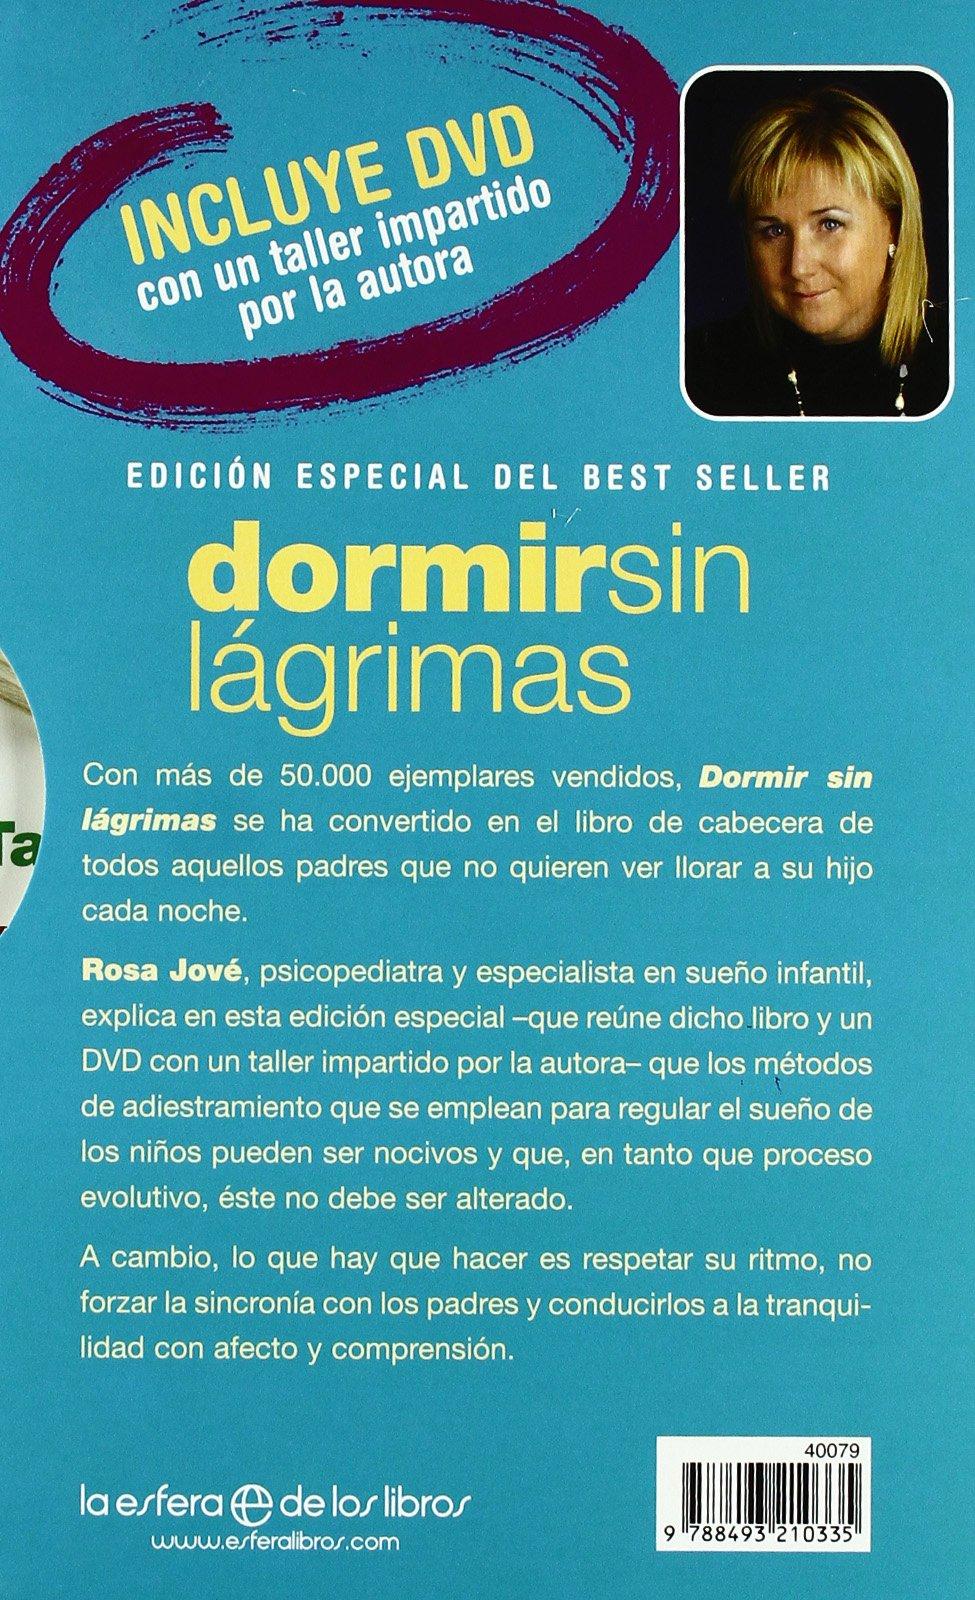 Dormir sin lágrimas : dejarle llorar no es la solución: Rosa Jové: 9788493210335: Amazon.com: Books